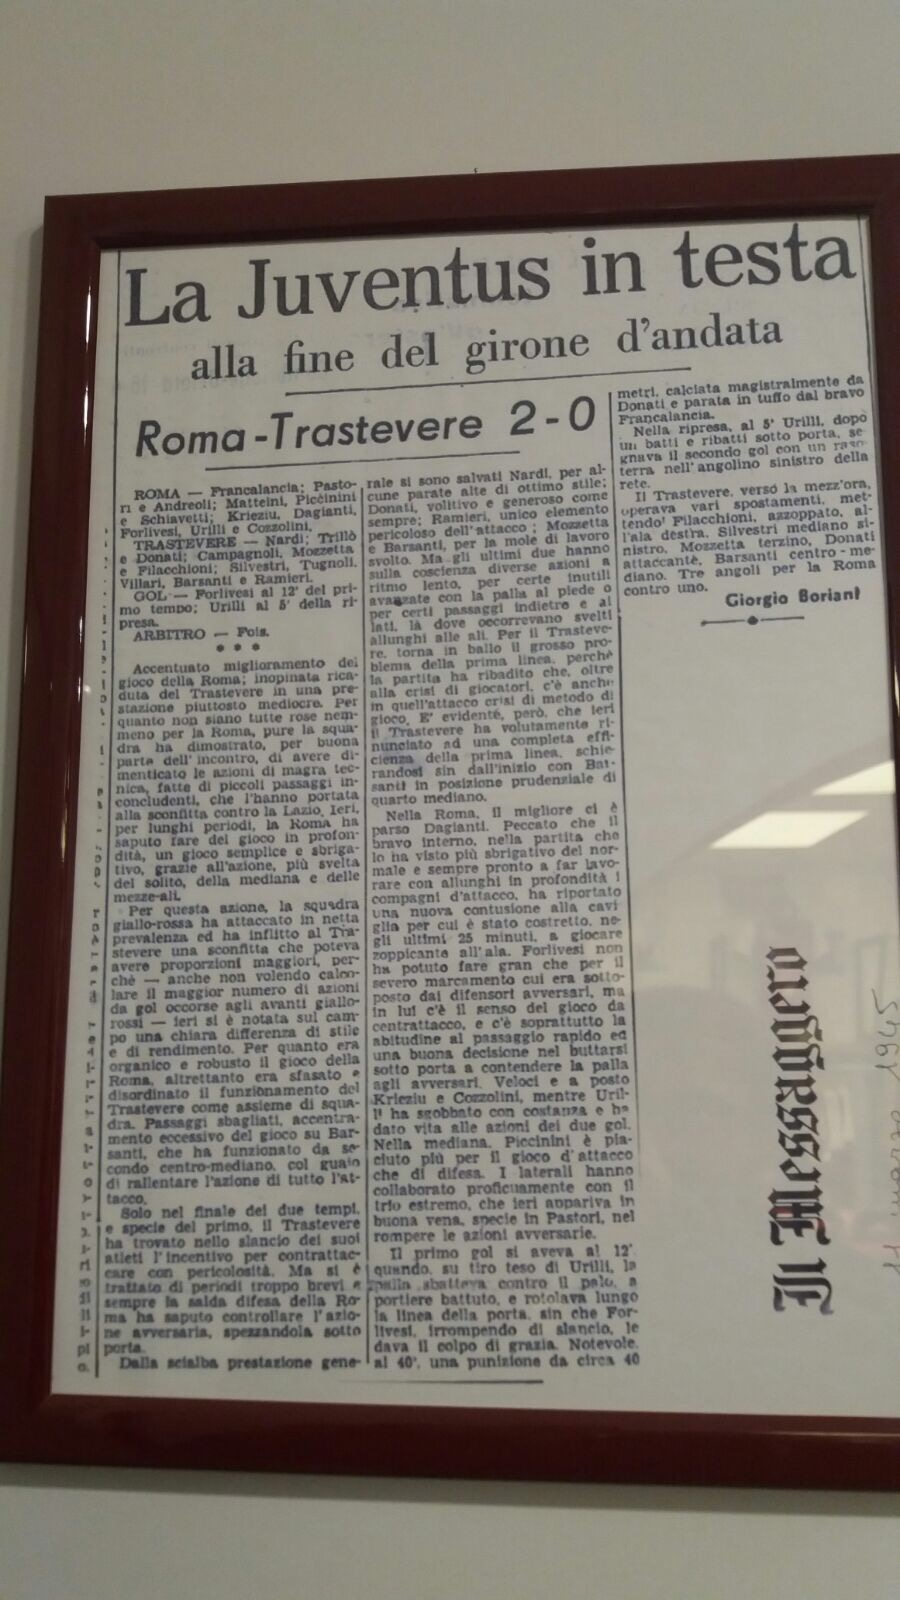 ritaglio giornale - roma trastevere